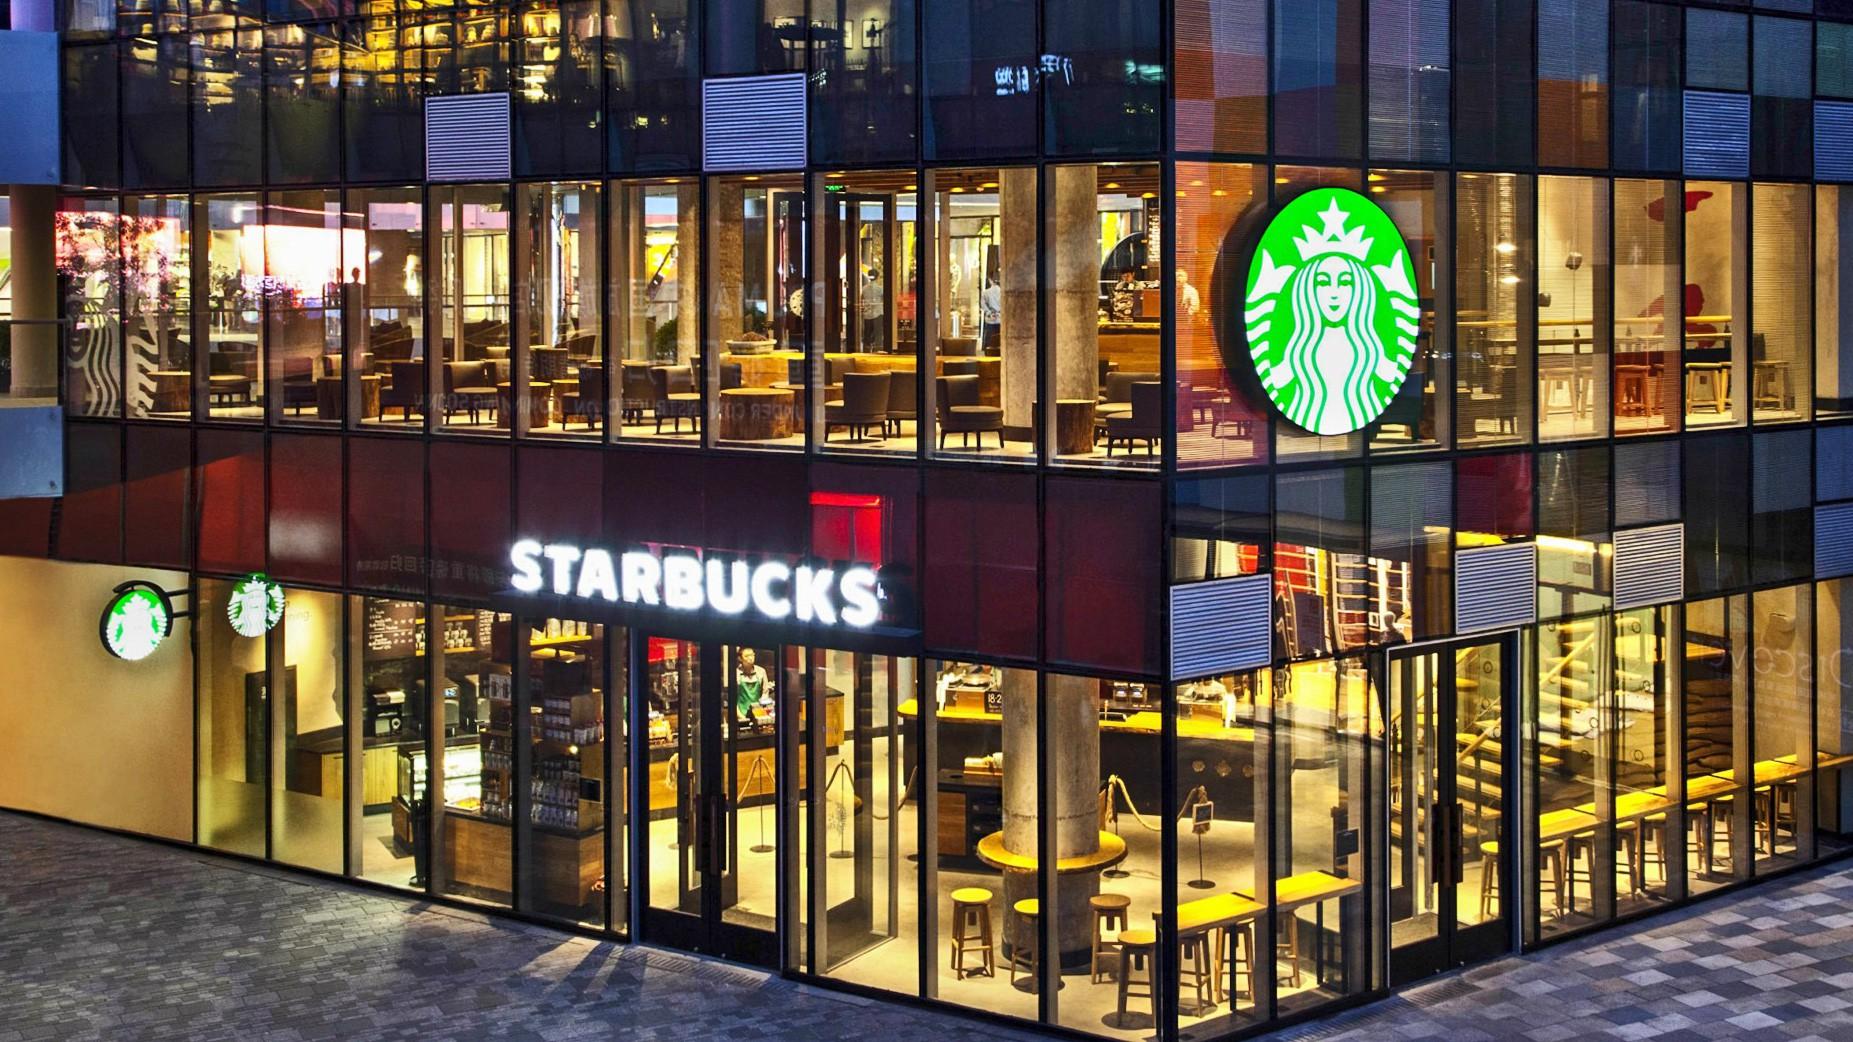 Câu chuyện của Starbucks ở Úc: Bành trướng quá nhanh để rồi bật bãi không kèn không trống - Ảnh 3.